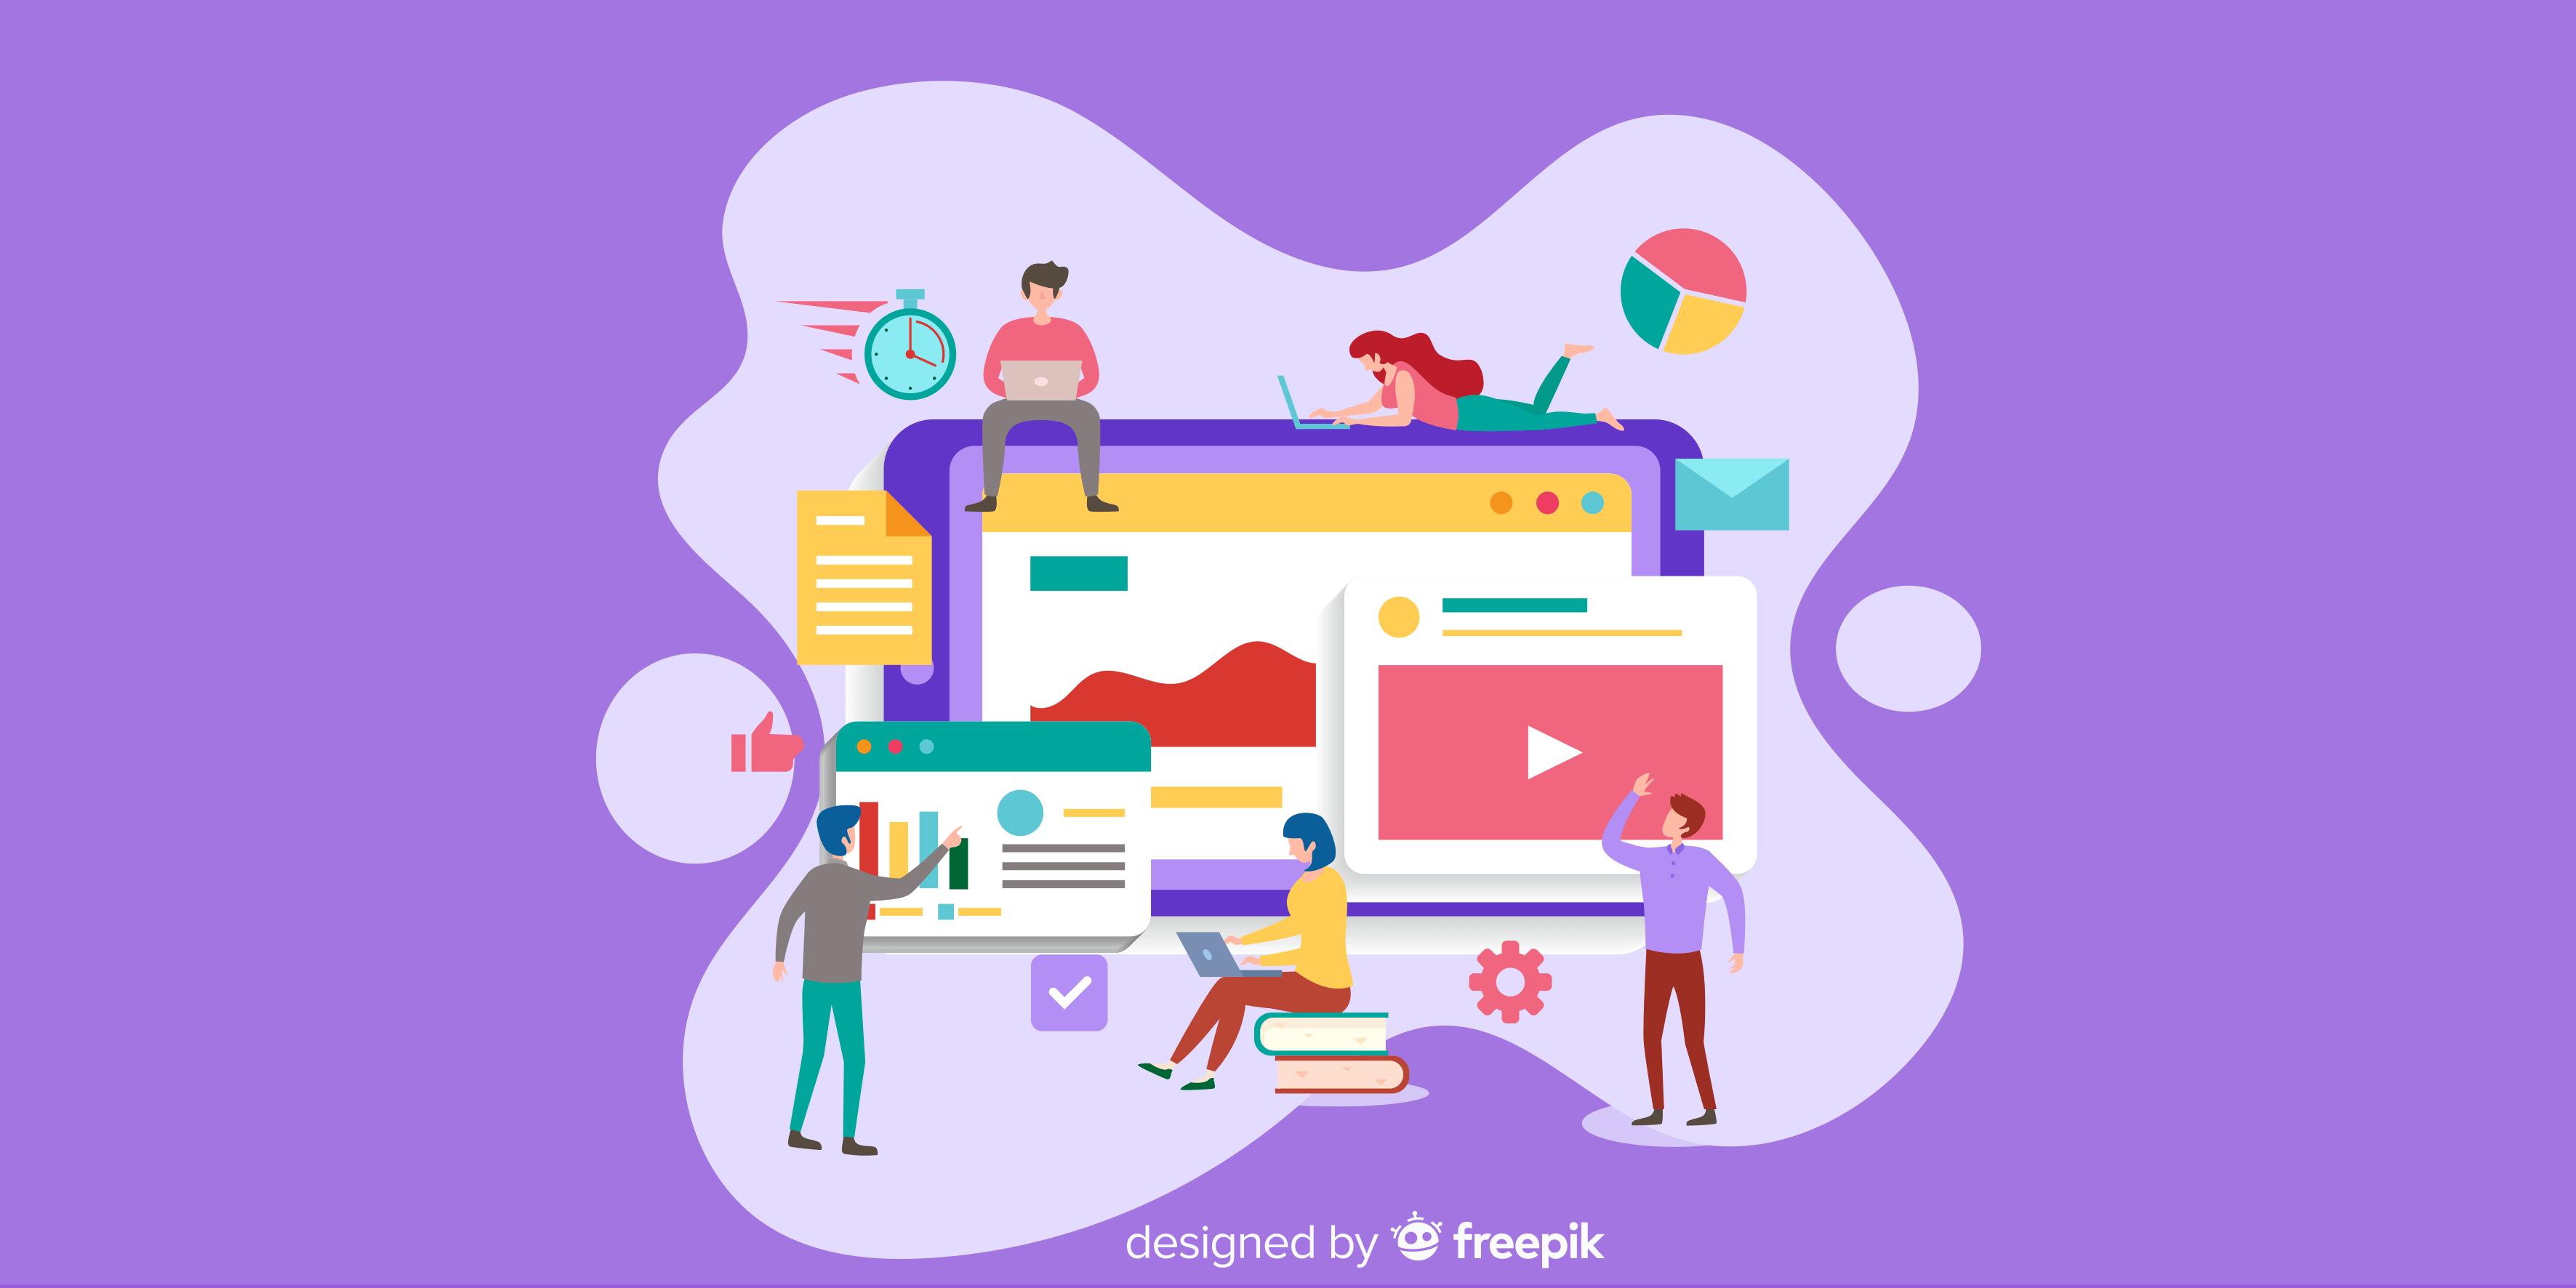 trello; trabalho em grupo; trabalho em equipa; team work online.